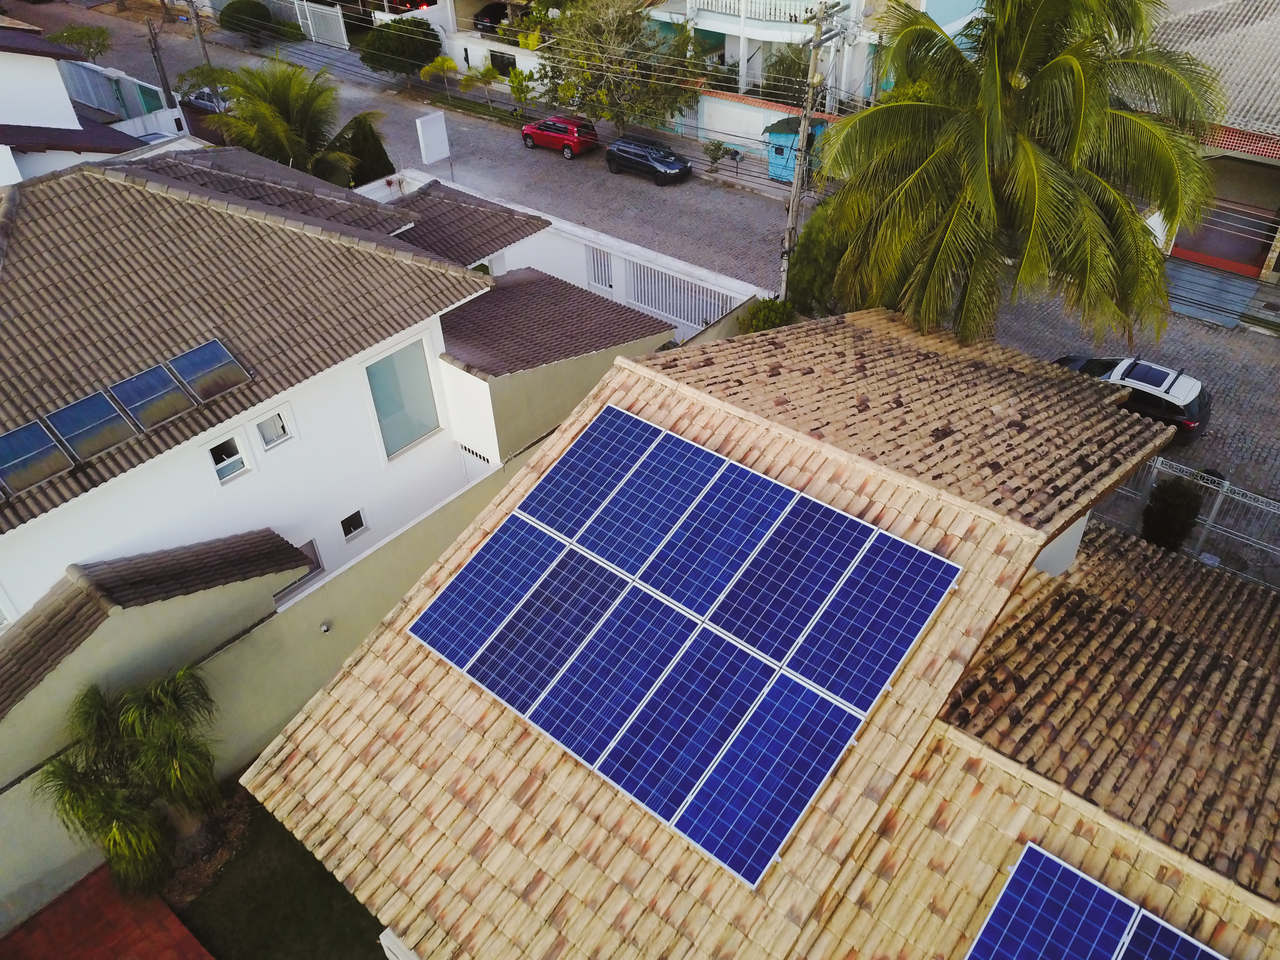 energia solar são joão do ivaí _ painel solar sobre telhado residencial